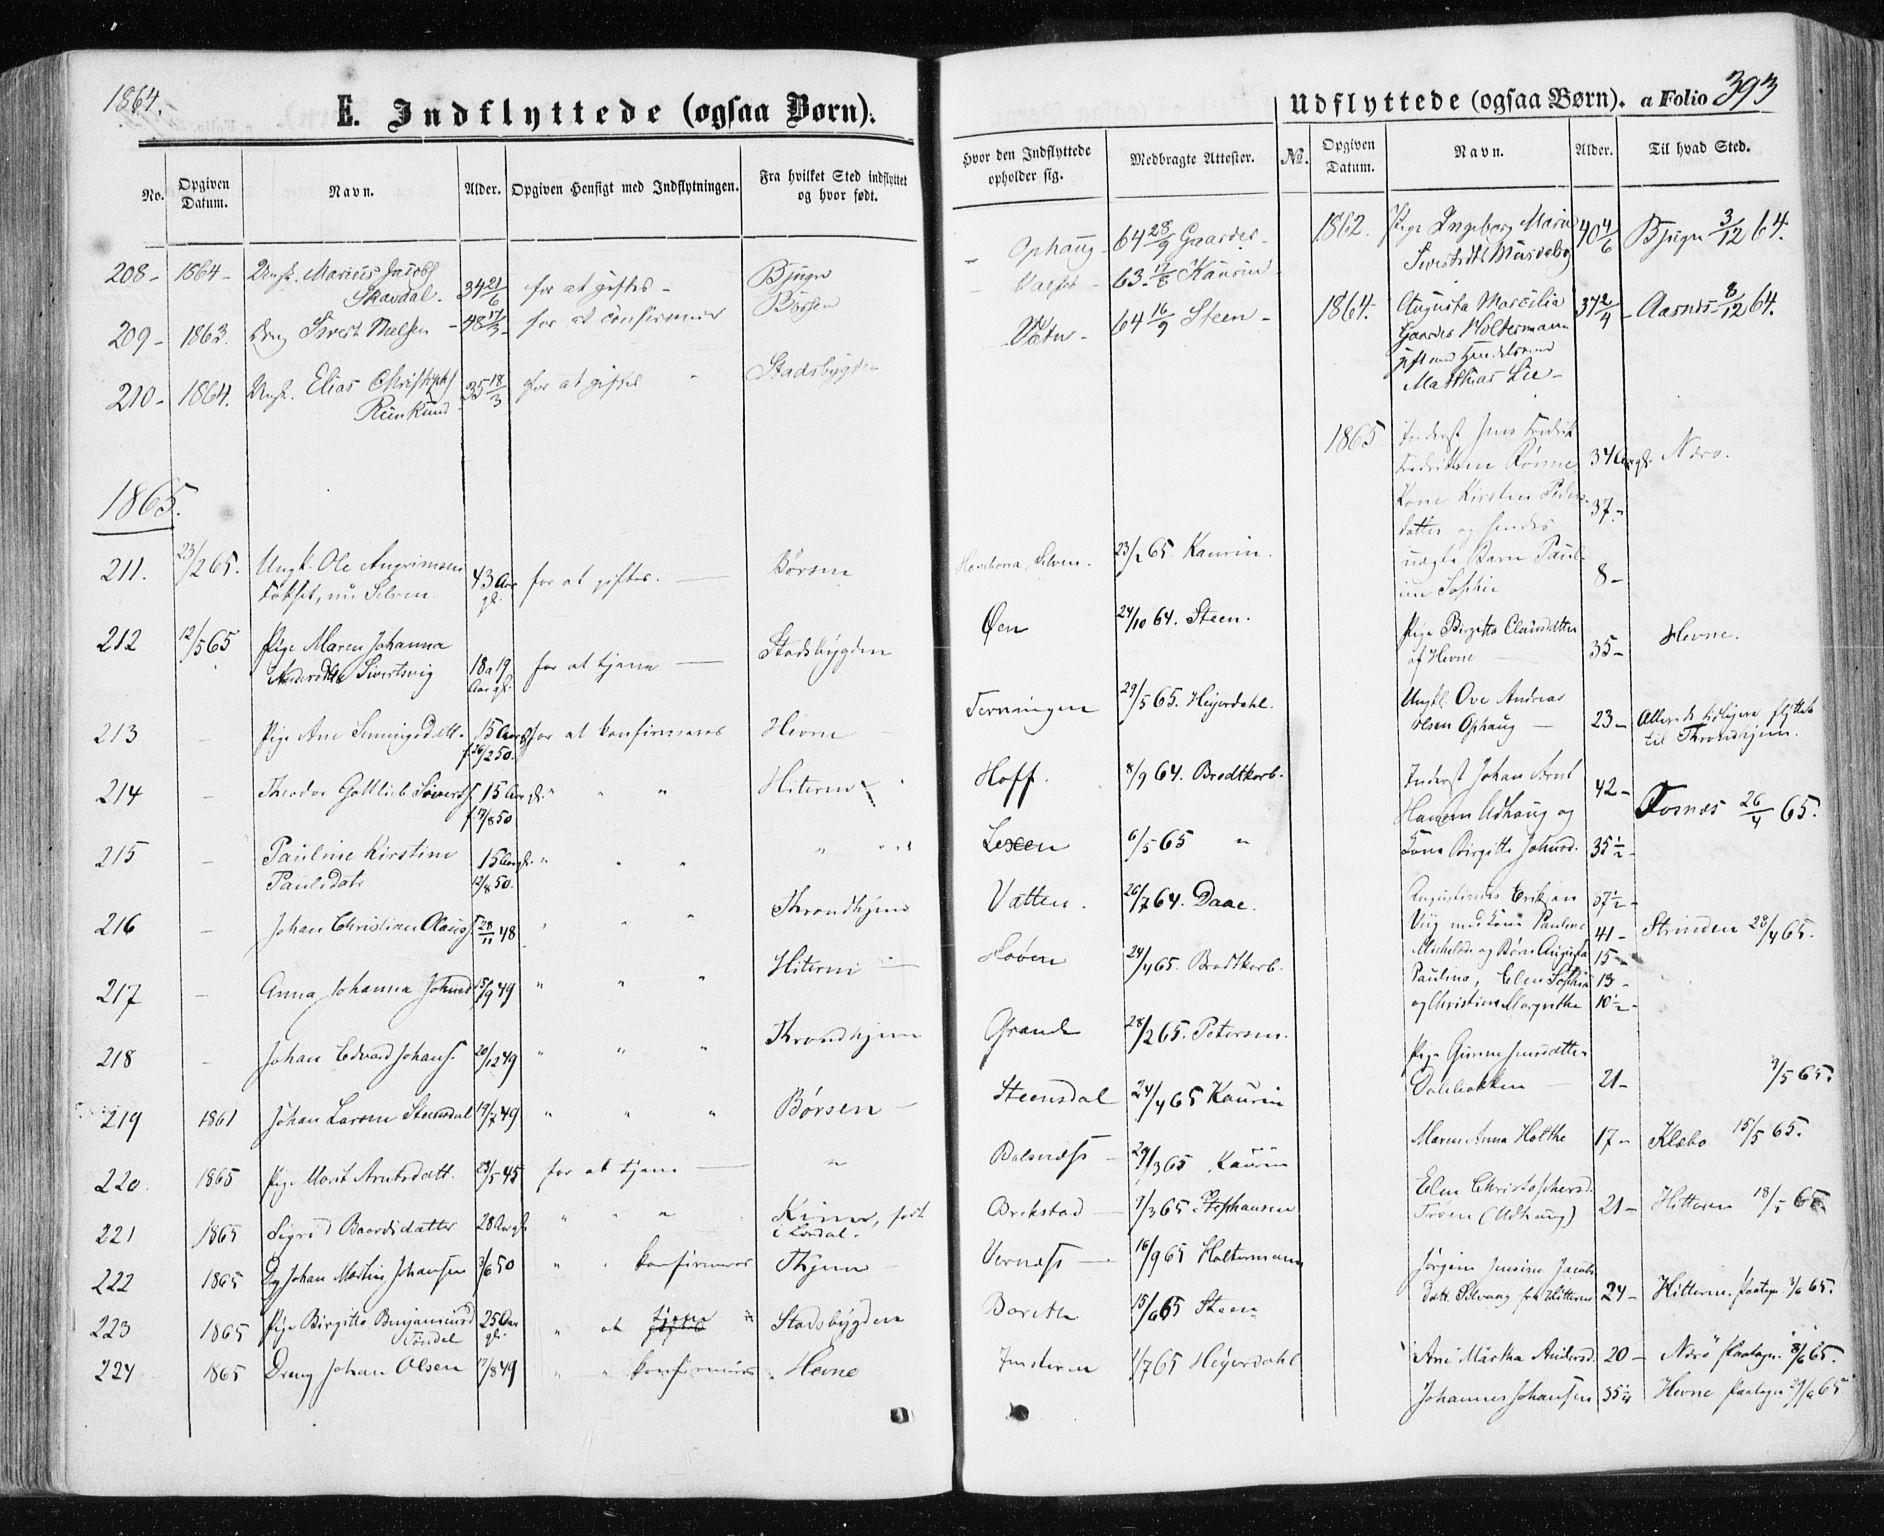 SAT, Ministerialprotokoller, klokkerbøker og fødselsregistre - Sør-Trøndelag, 659/L0737: Ministerialbok nr. 659A07, 1857-1875, s. 393